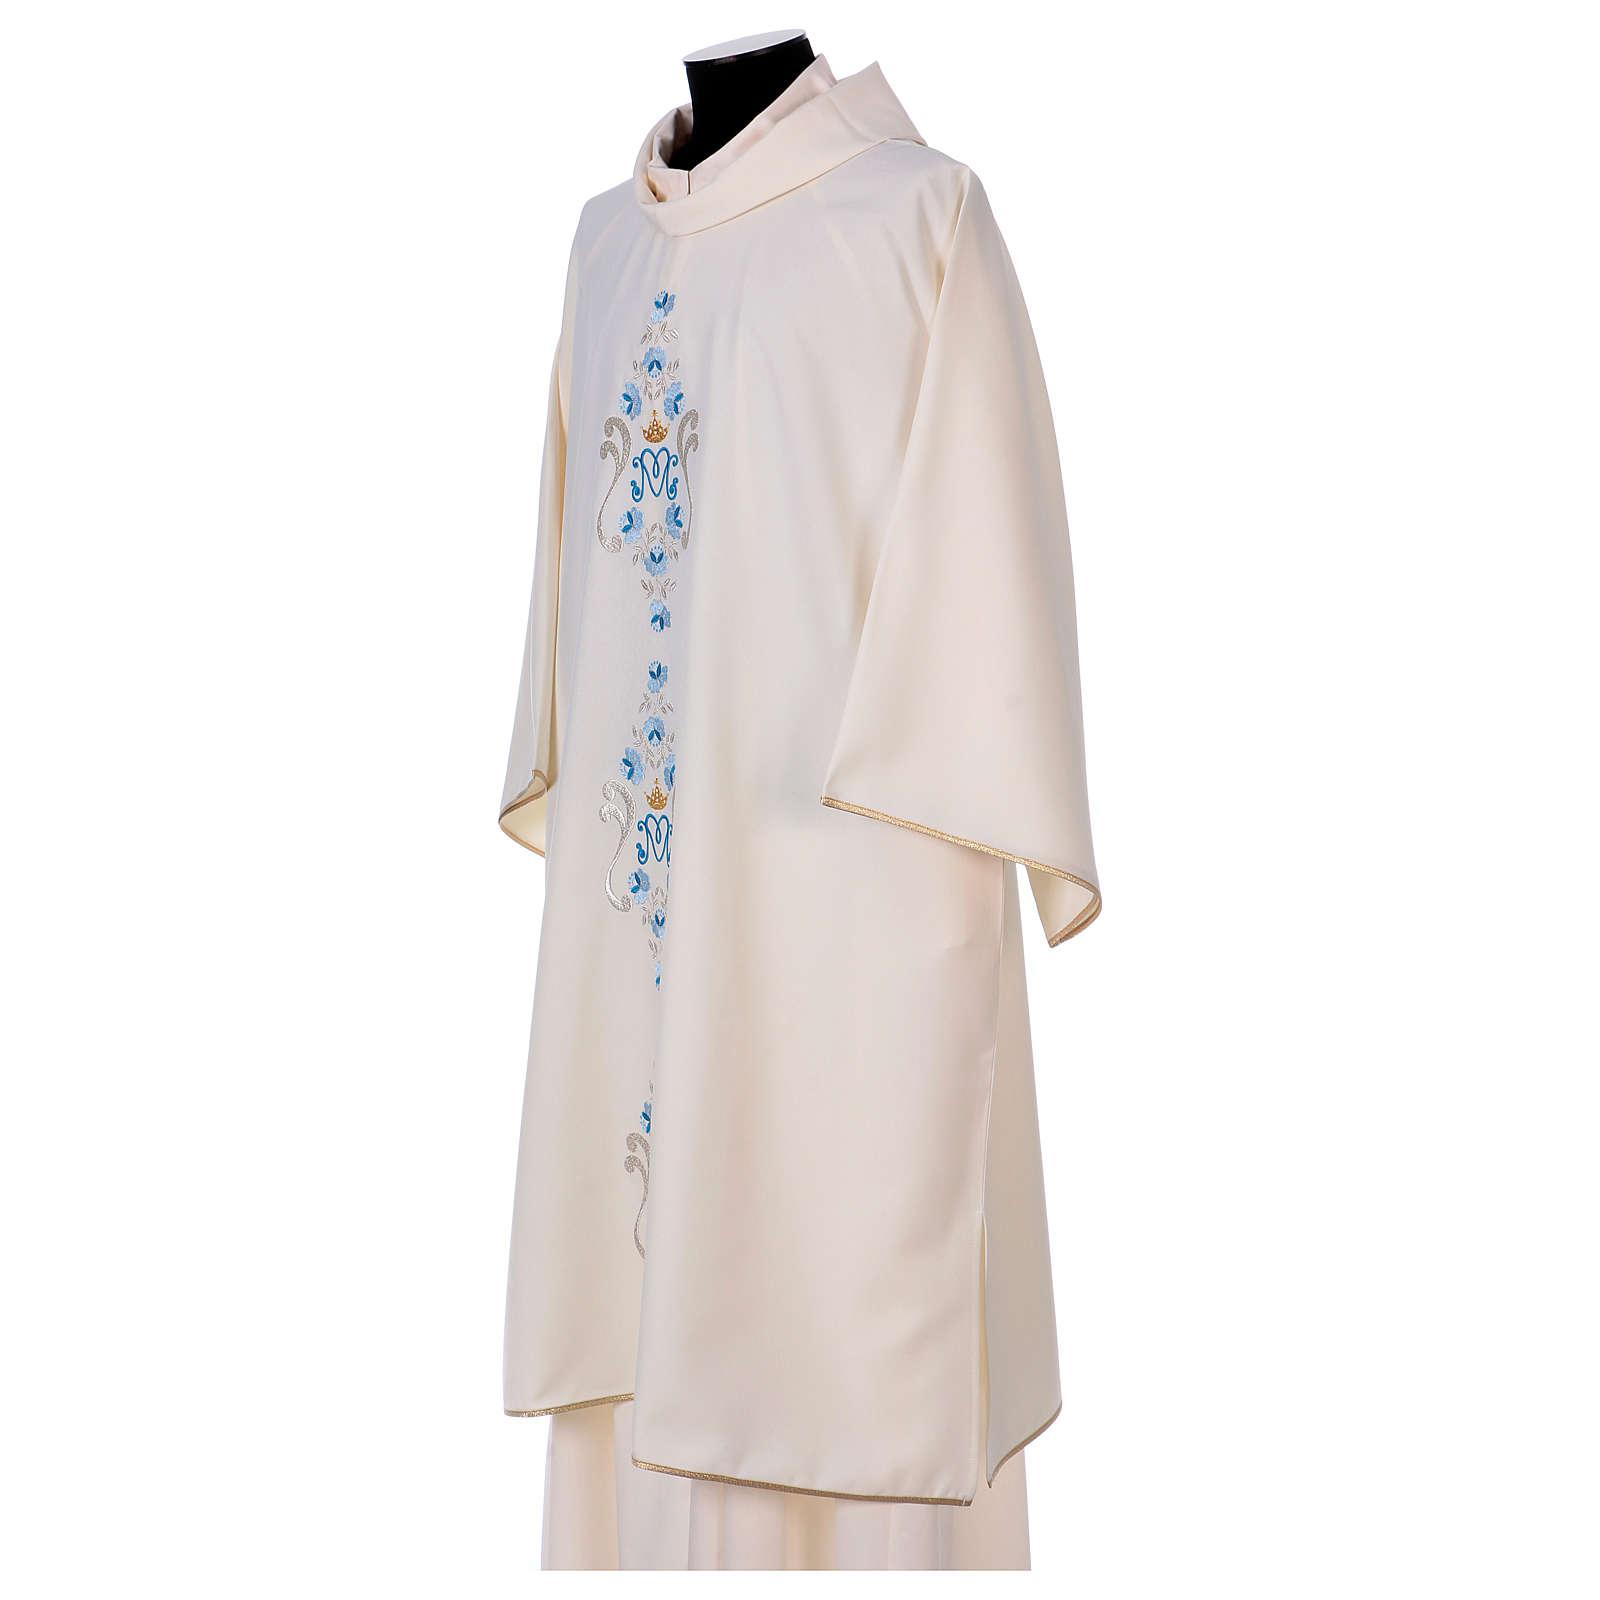 Dalmática mariana margaridas ambos lados Vatican 100% poliéster 4